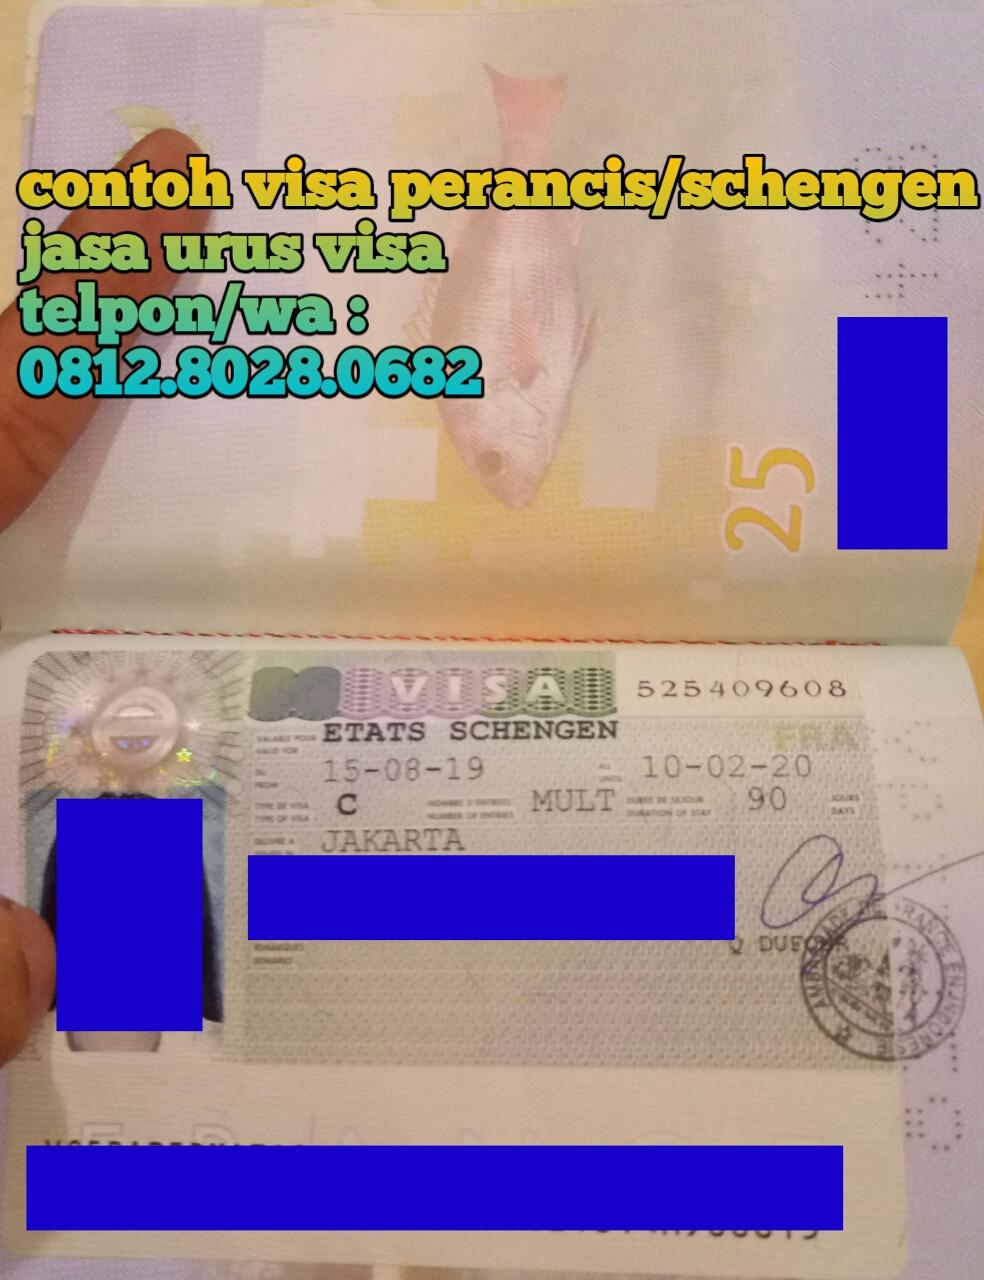 Cv Azhar Bersinar Biro Jasa Urus Visa Perancis Terpercaya Dan Aman Cvazharbersinar